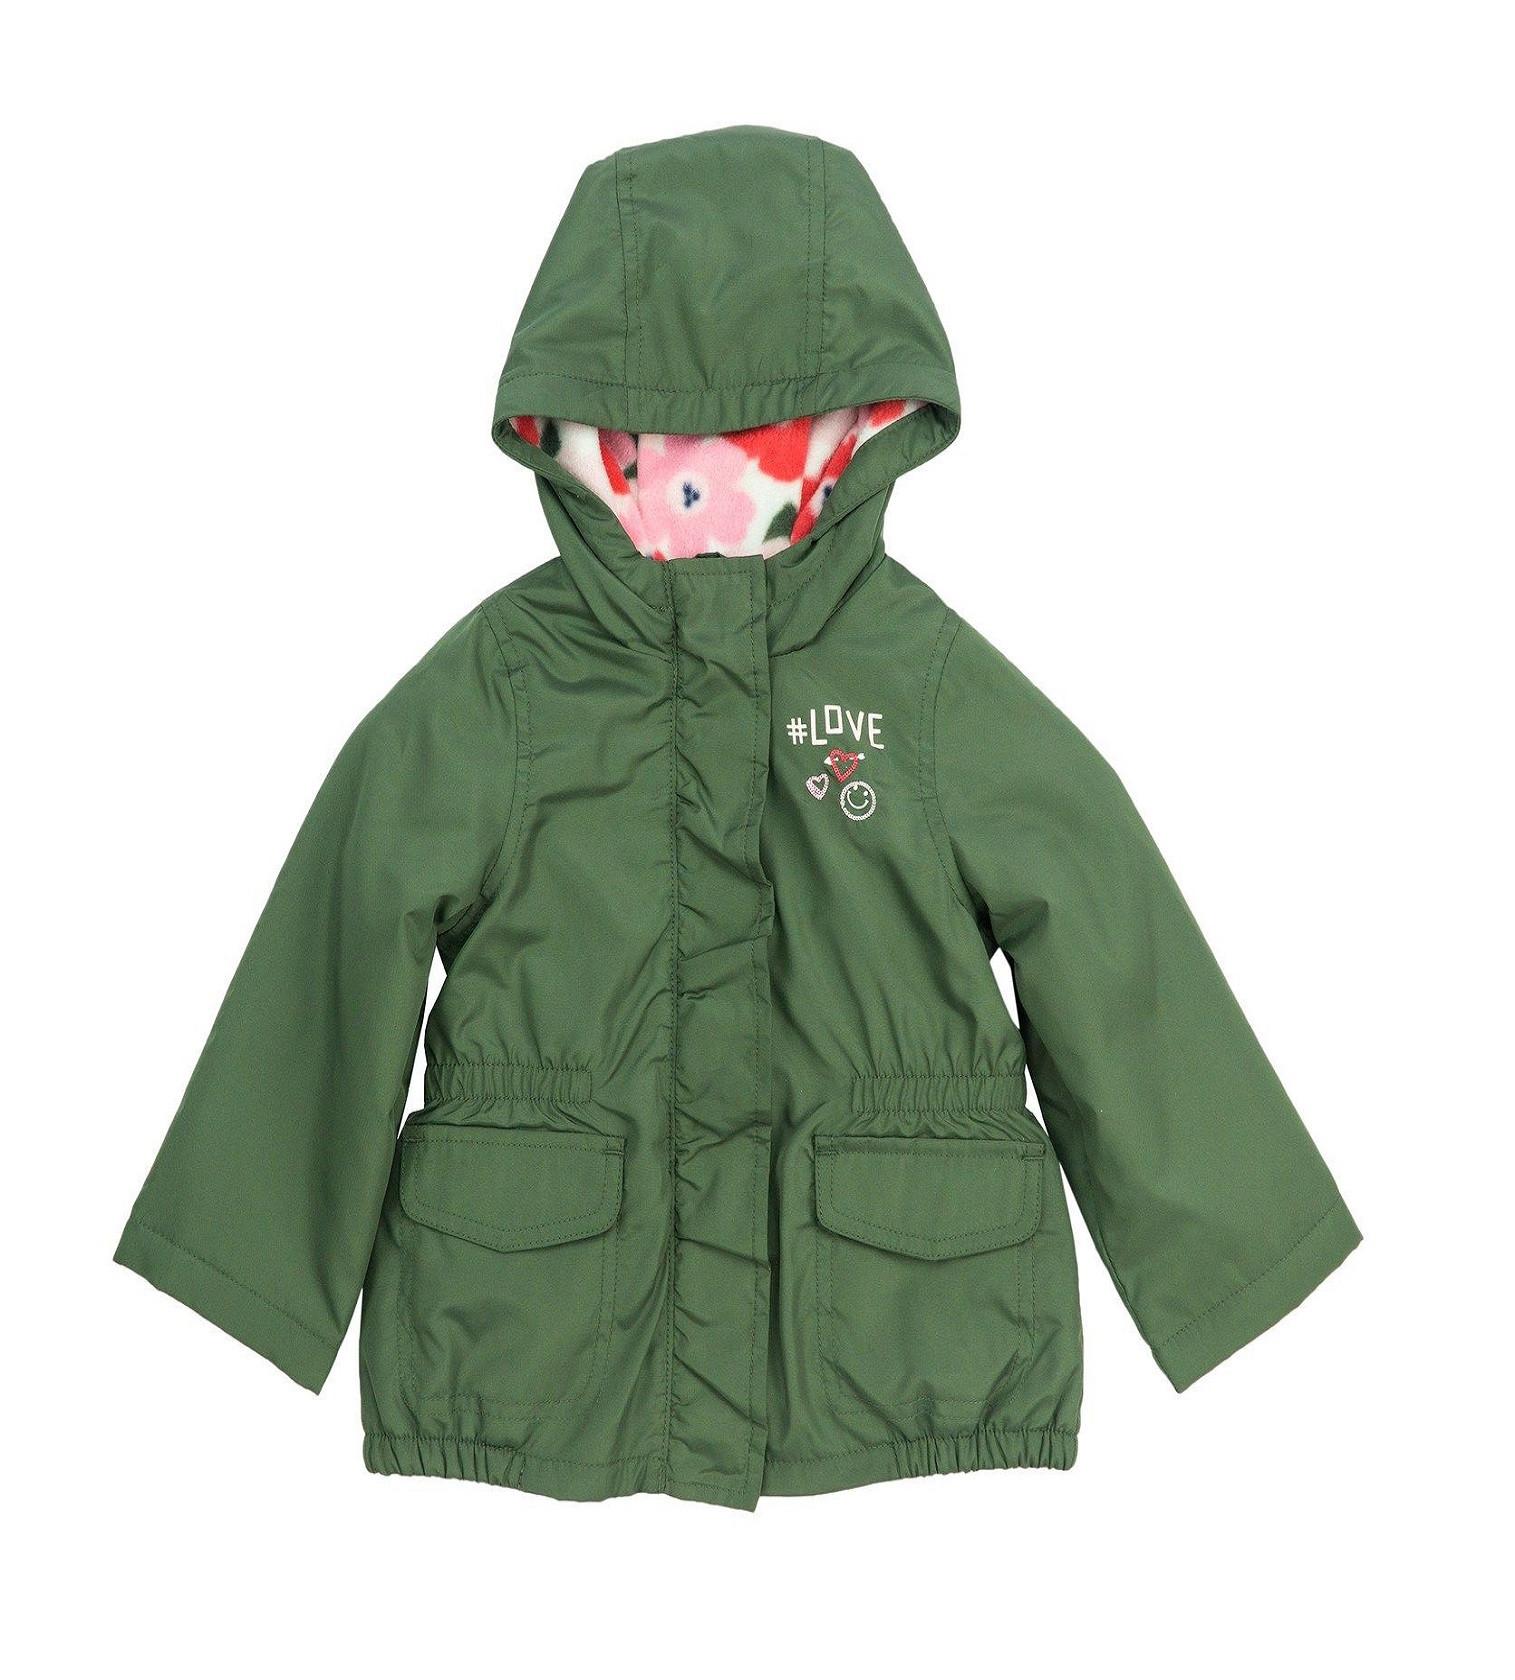 Купити Куртка на фісі Carters Love - фото 1